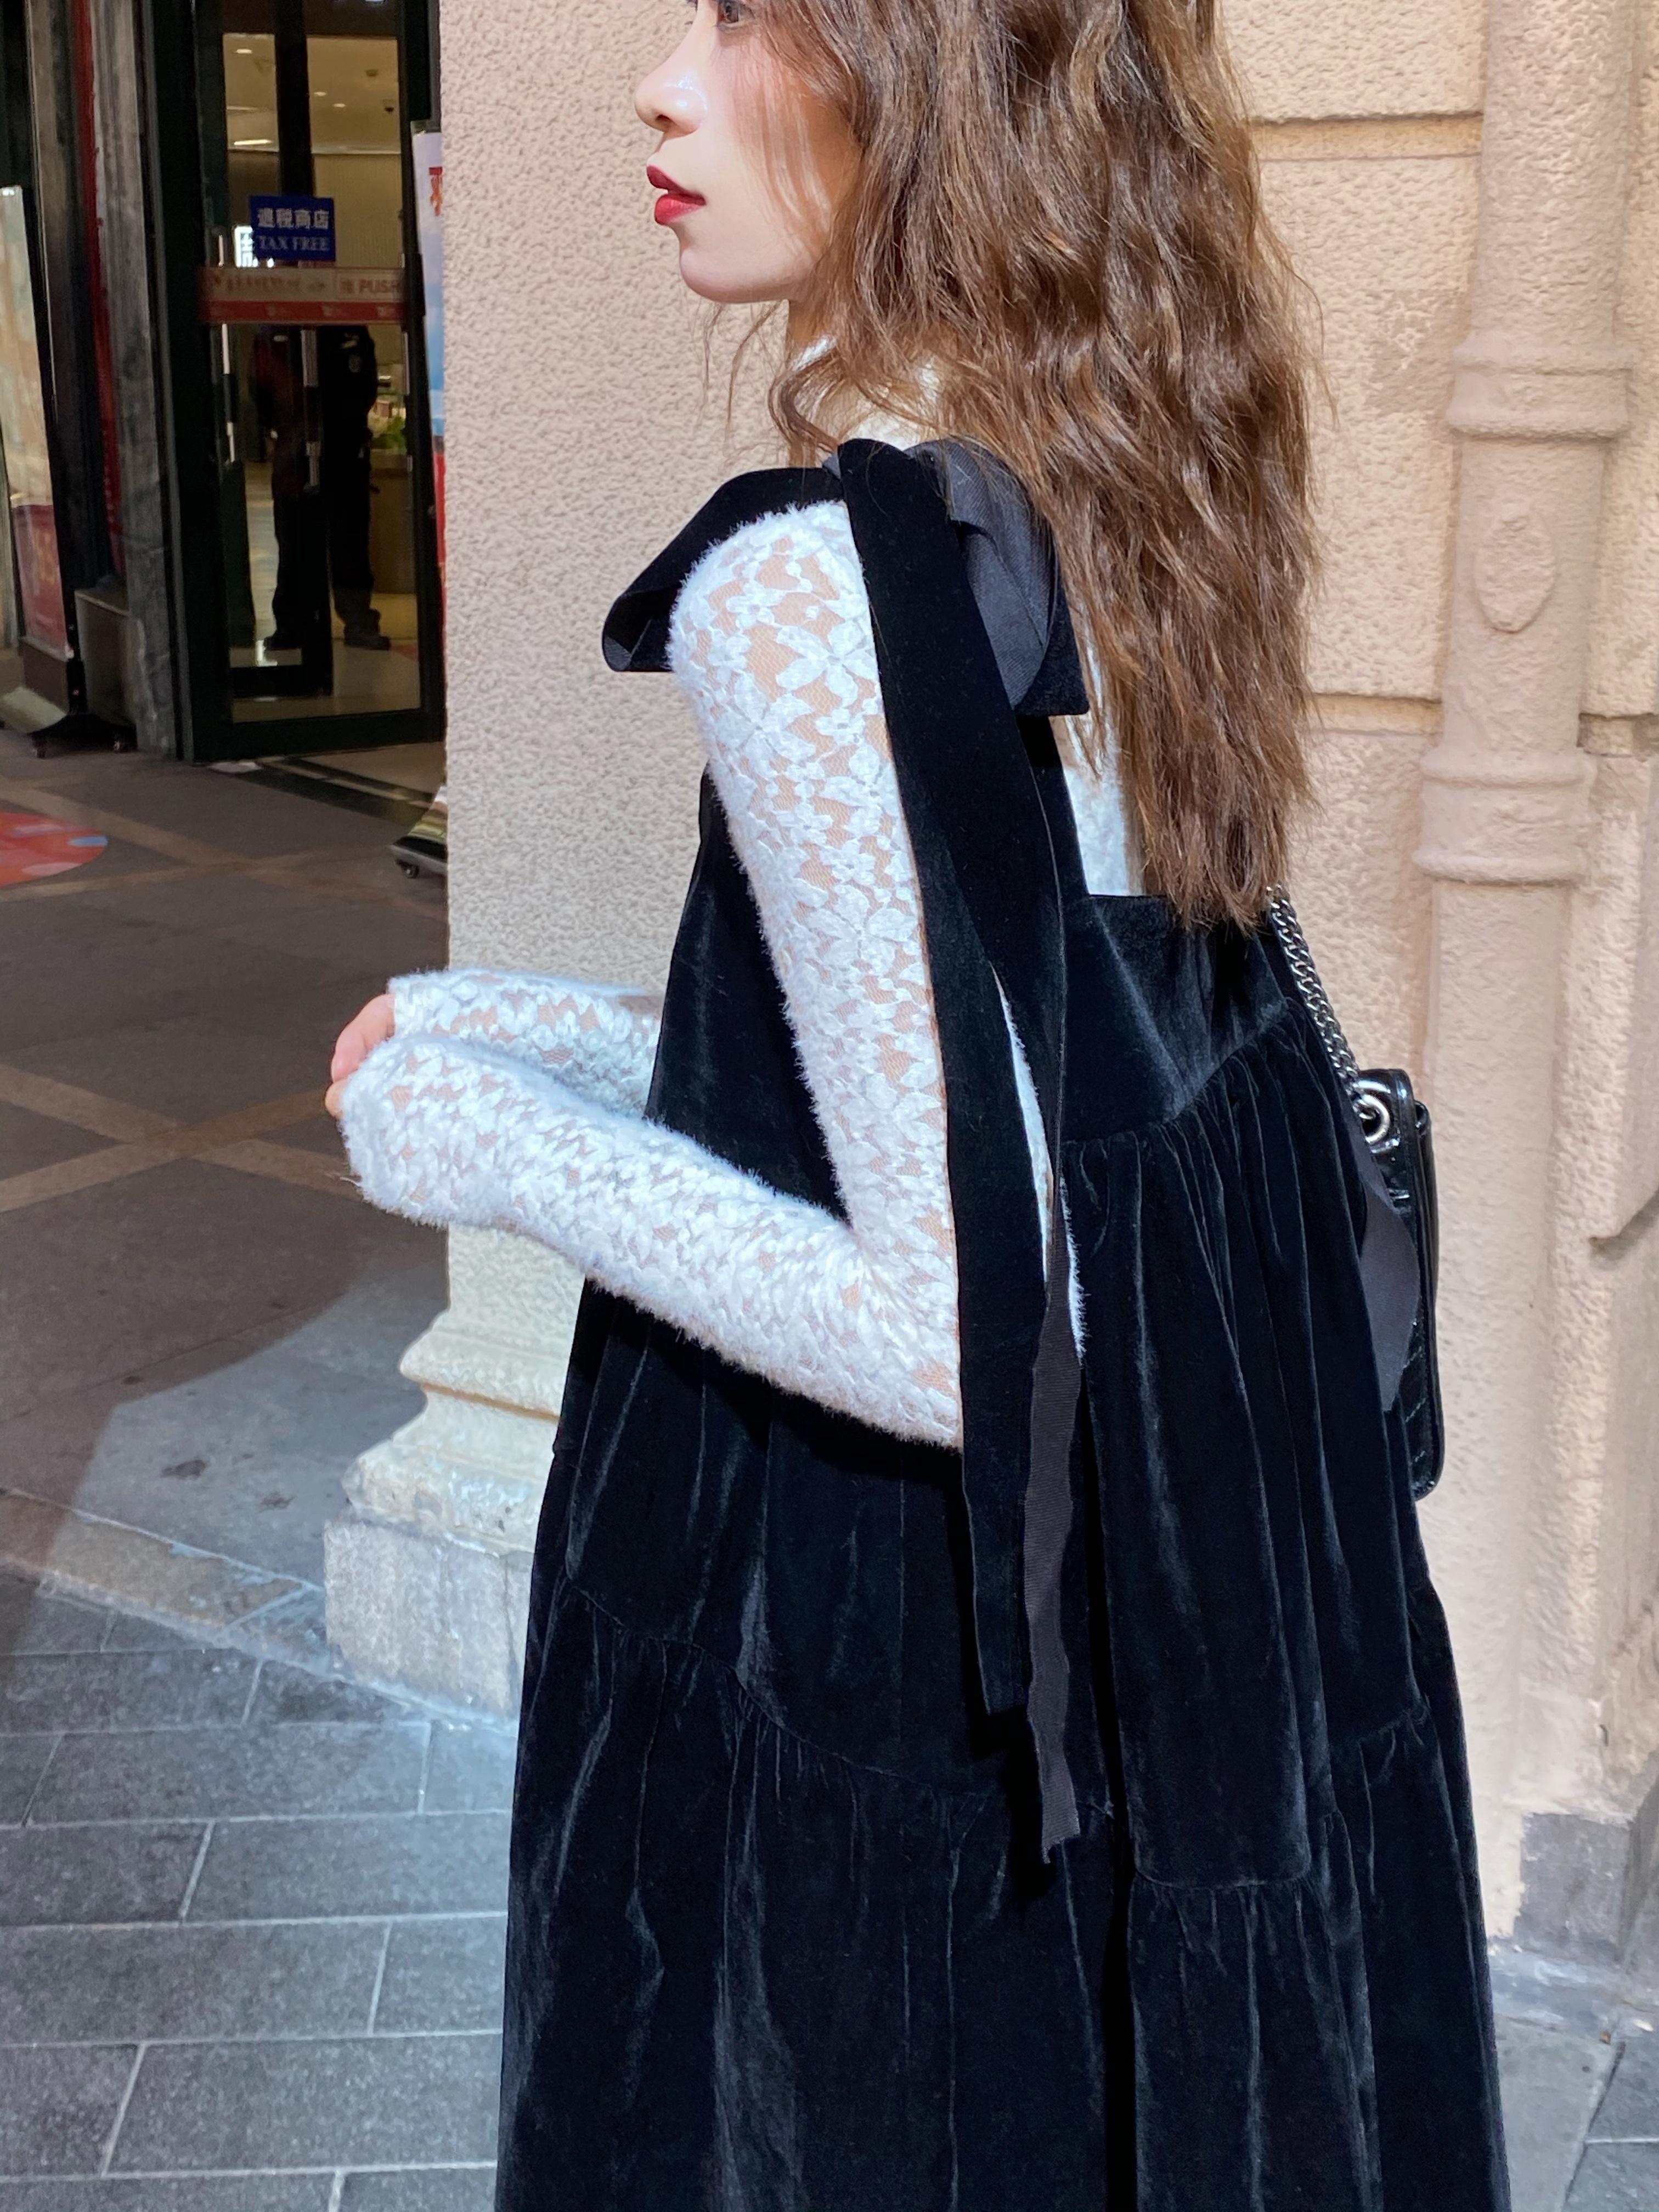 我在外面有猫 复古丝绒蝴蝶结绑带娃娃裙可爱蓬蓬黑色连衣裙